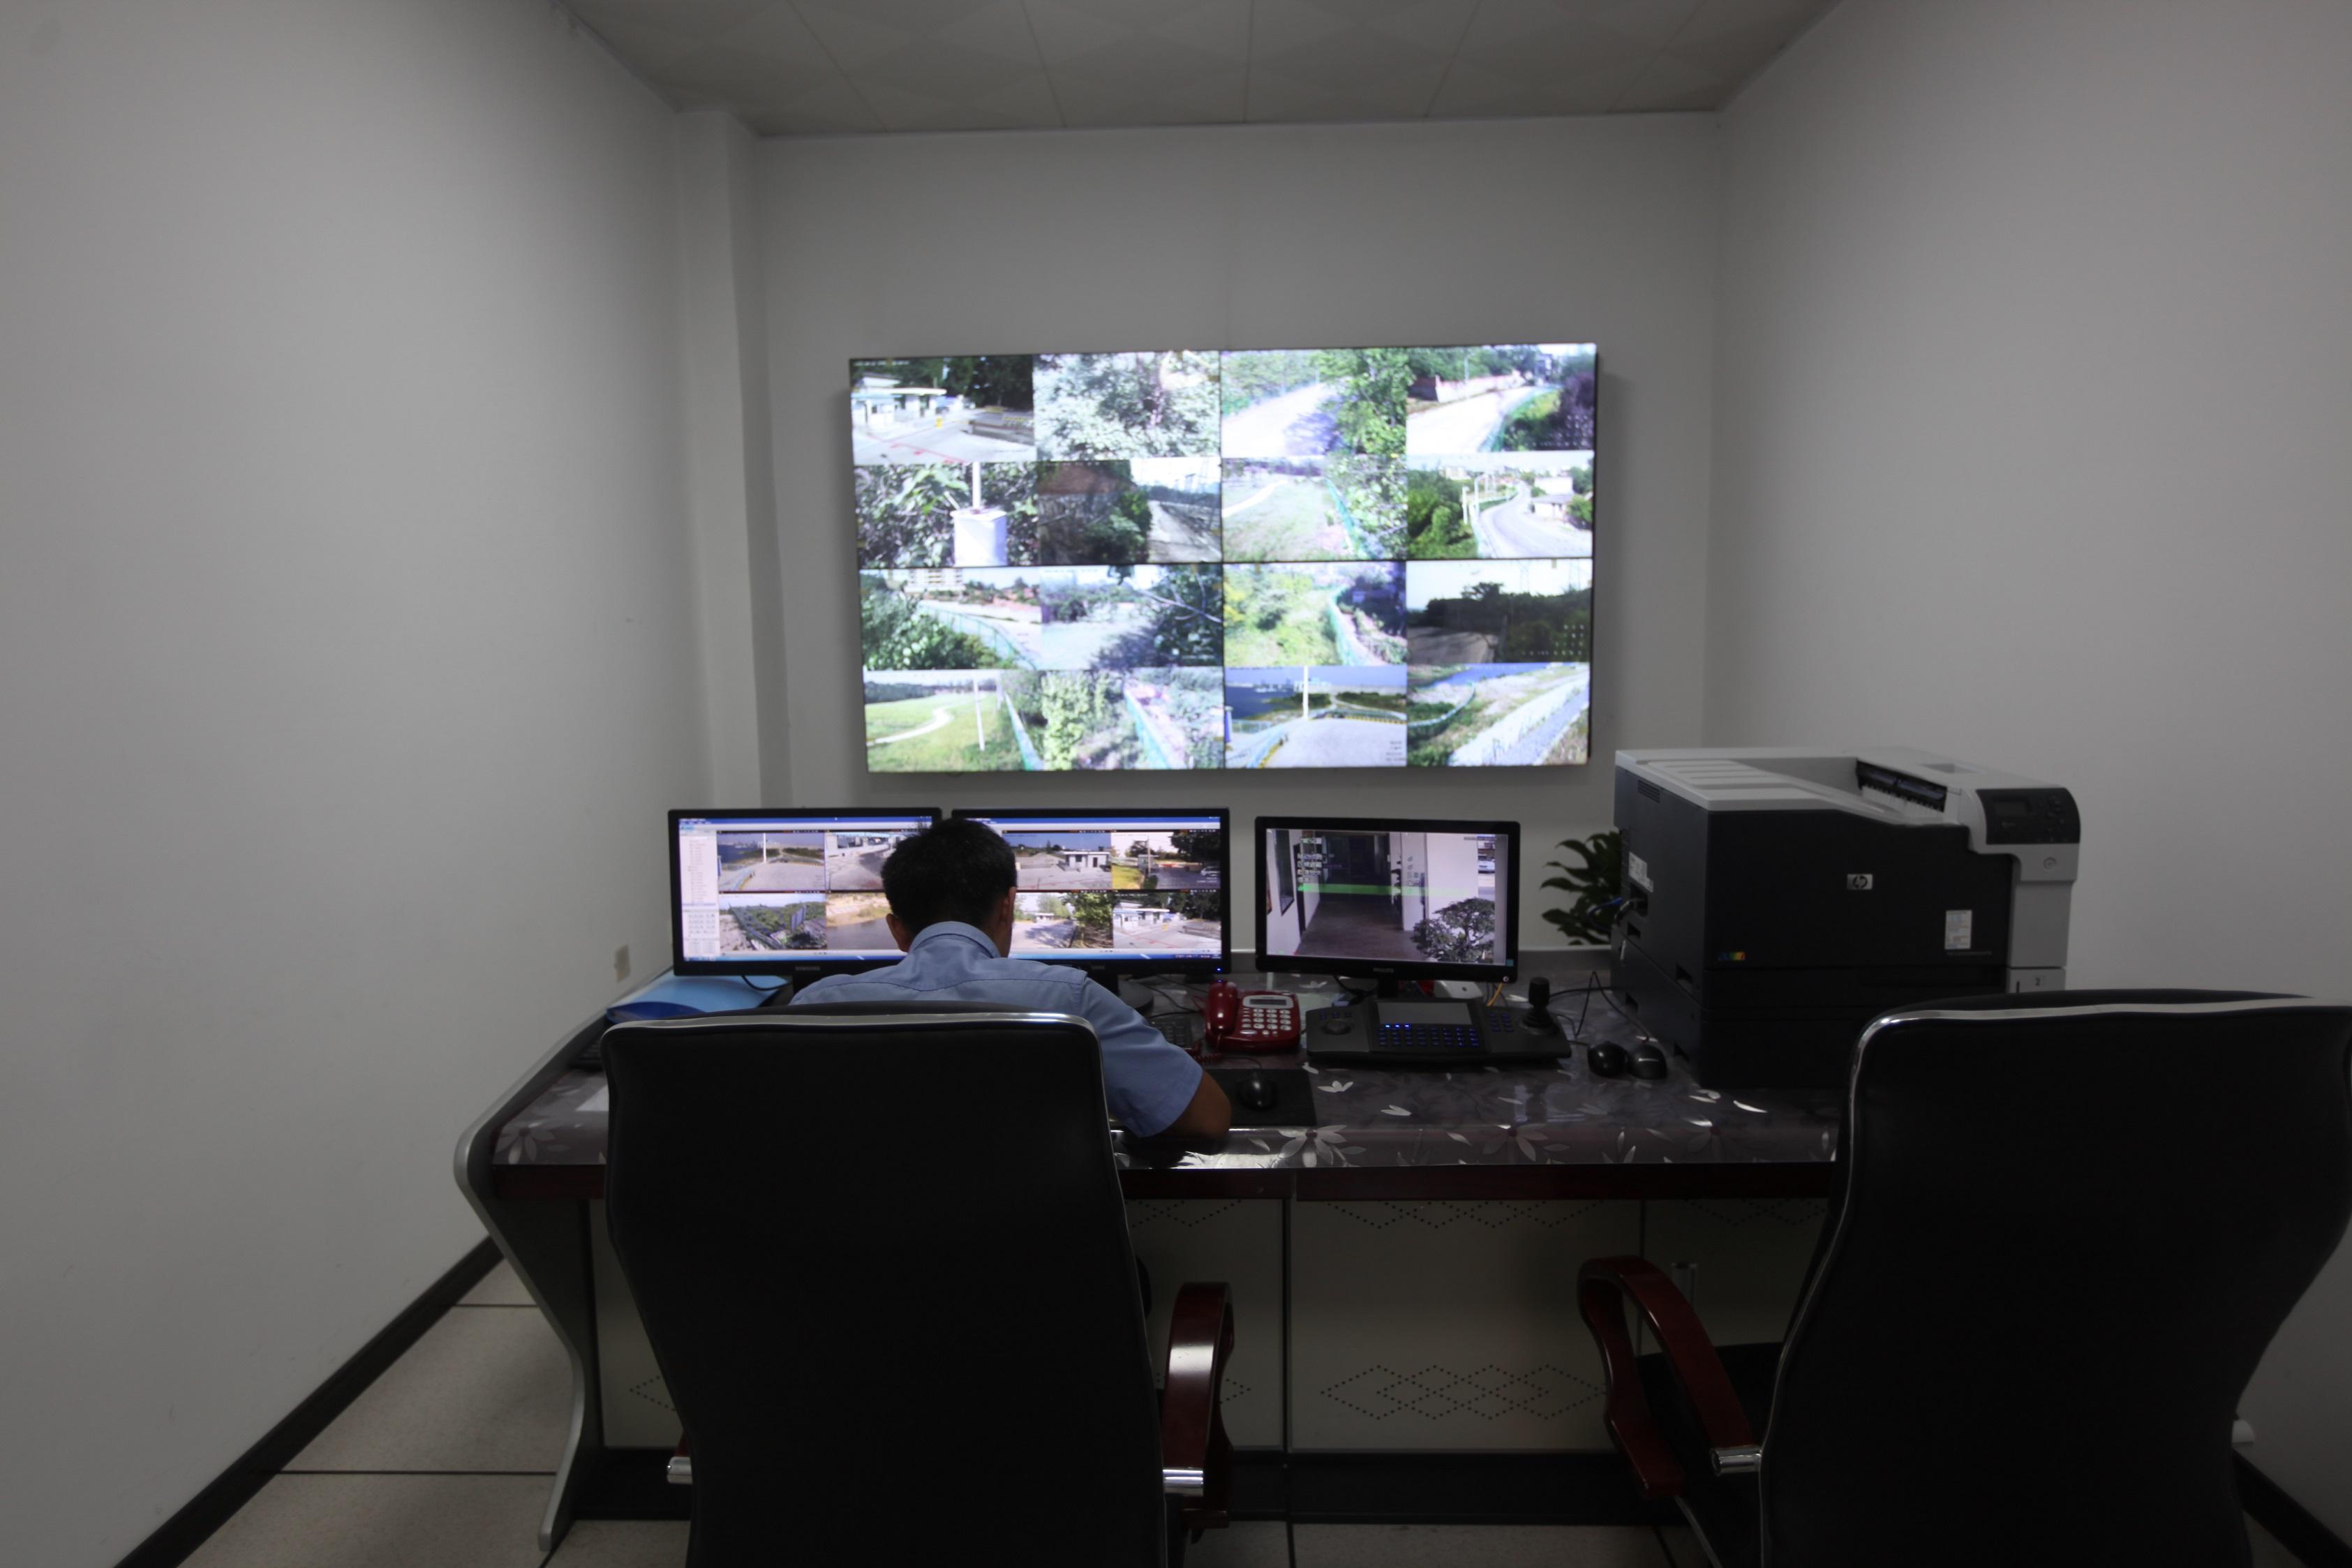 大坝视频监控可以对大坝进行全方位的监控。